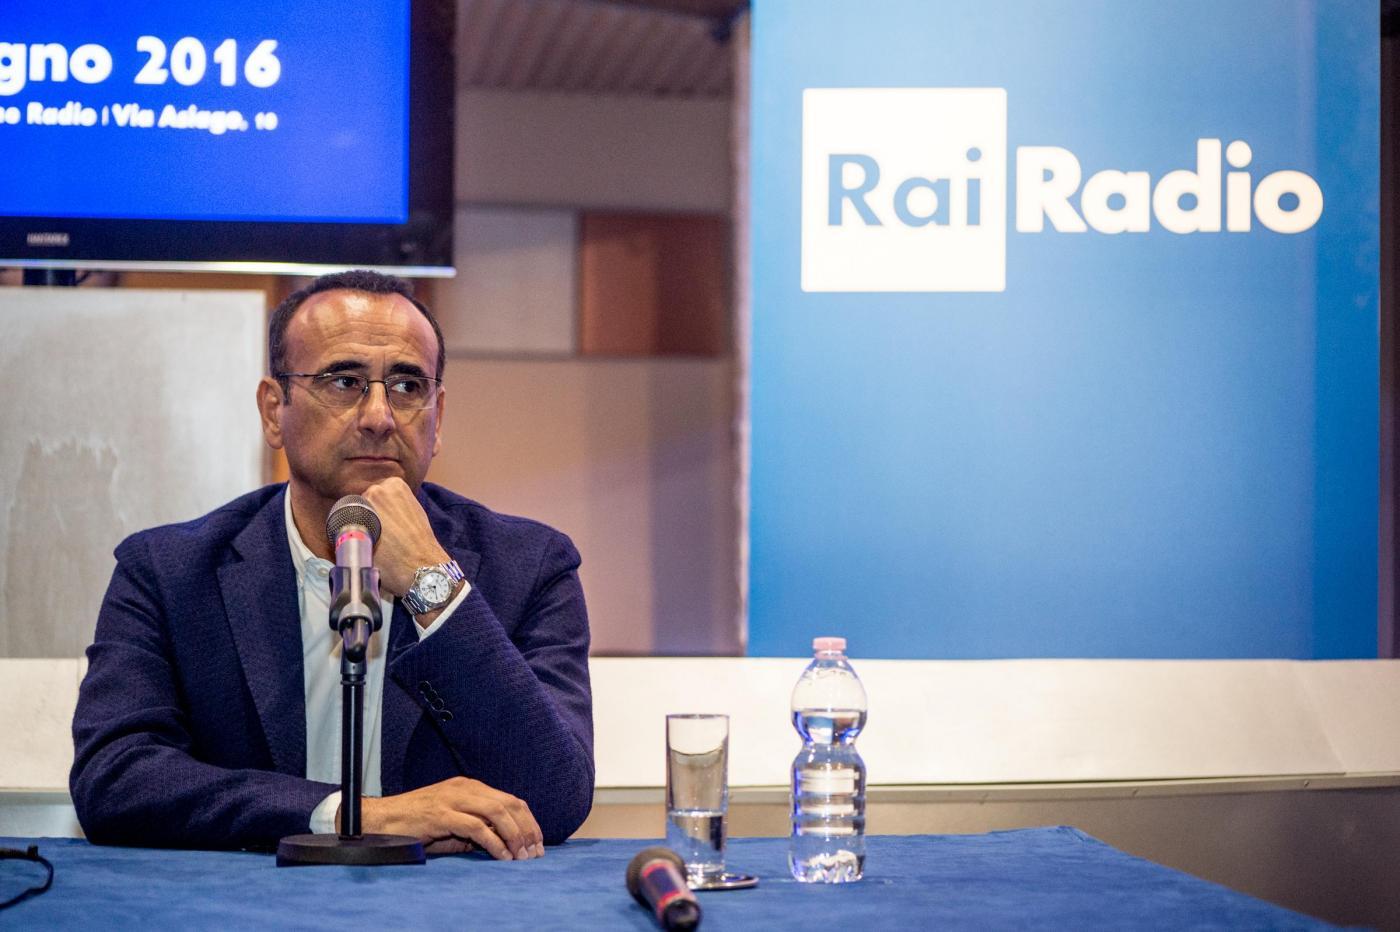 Carlo Conti: 'A Radio Rai2 programmi confermati. Il direttore artistico non comanda'